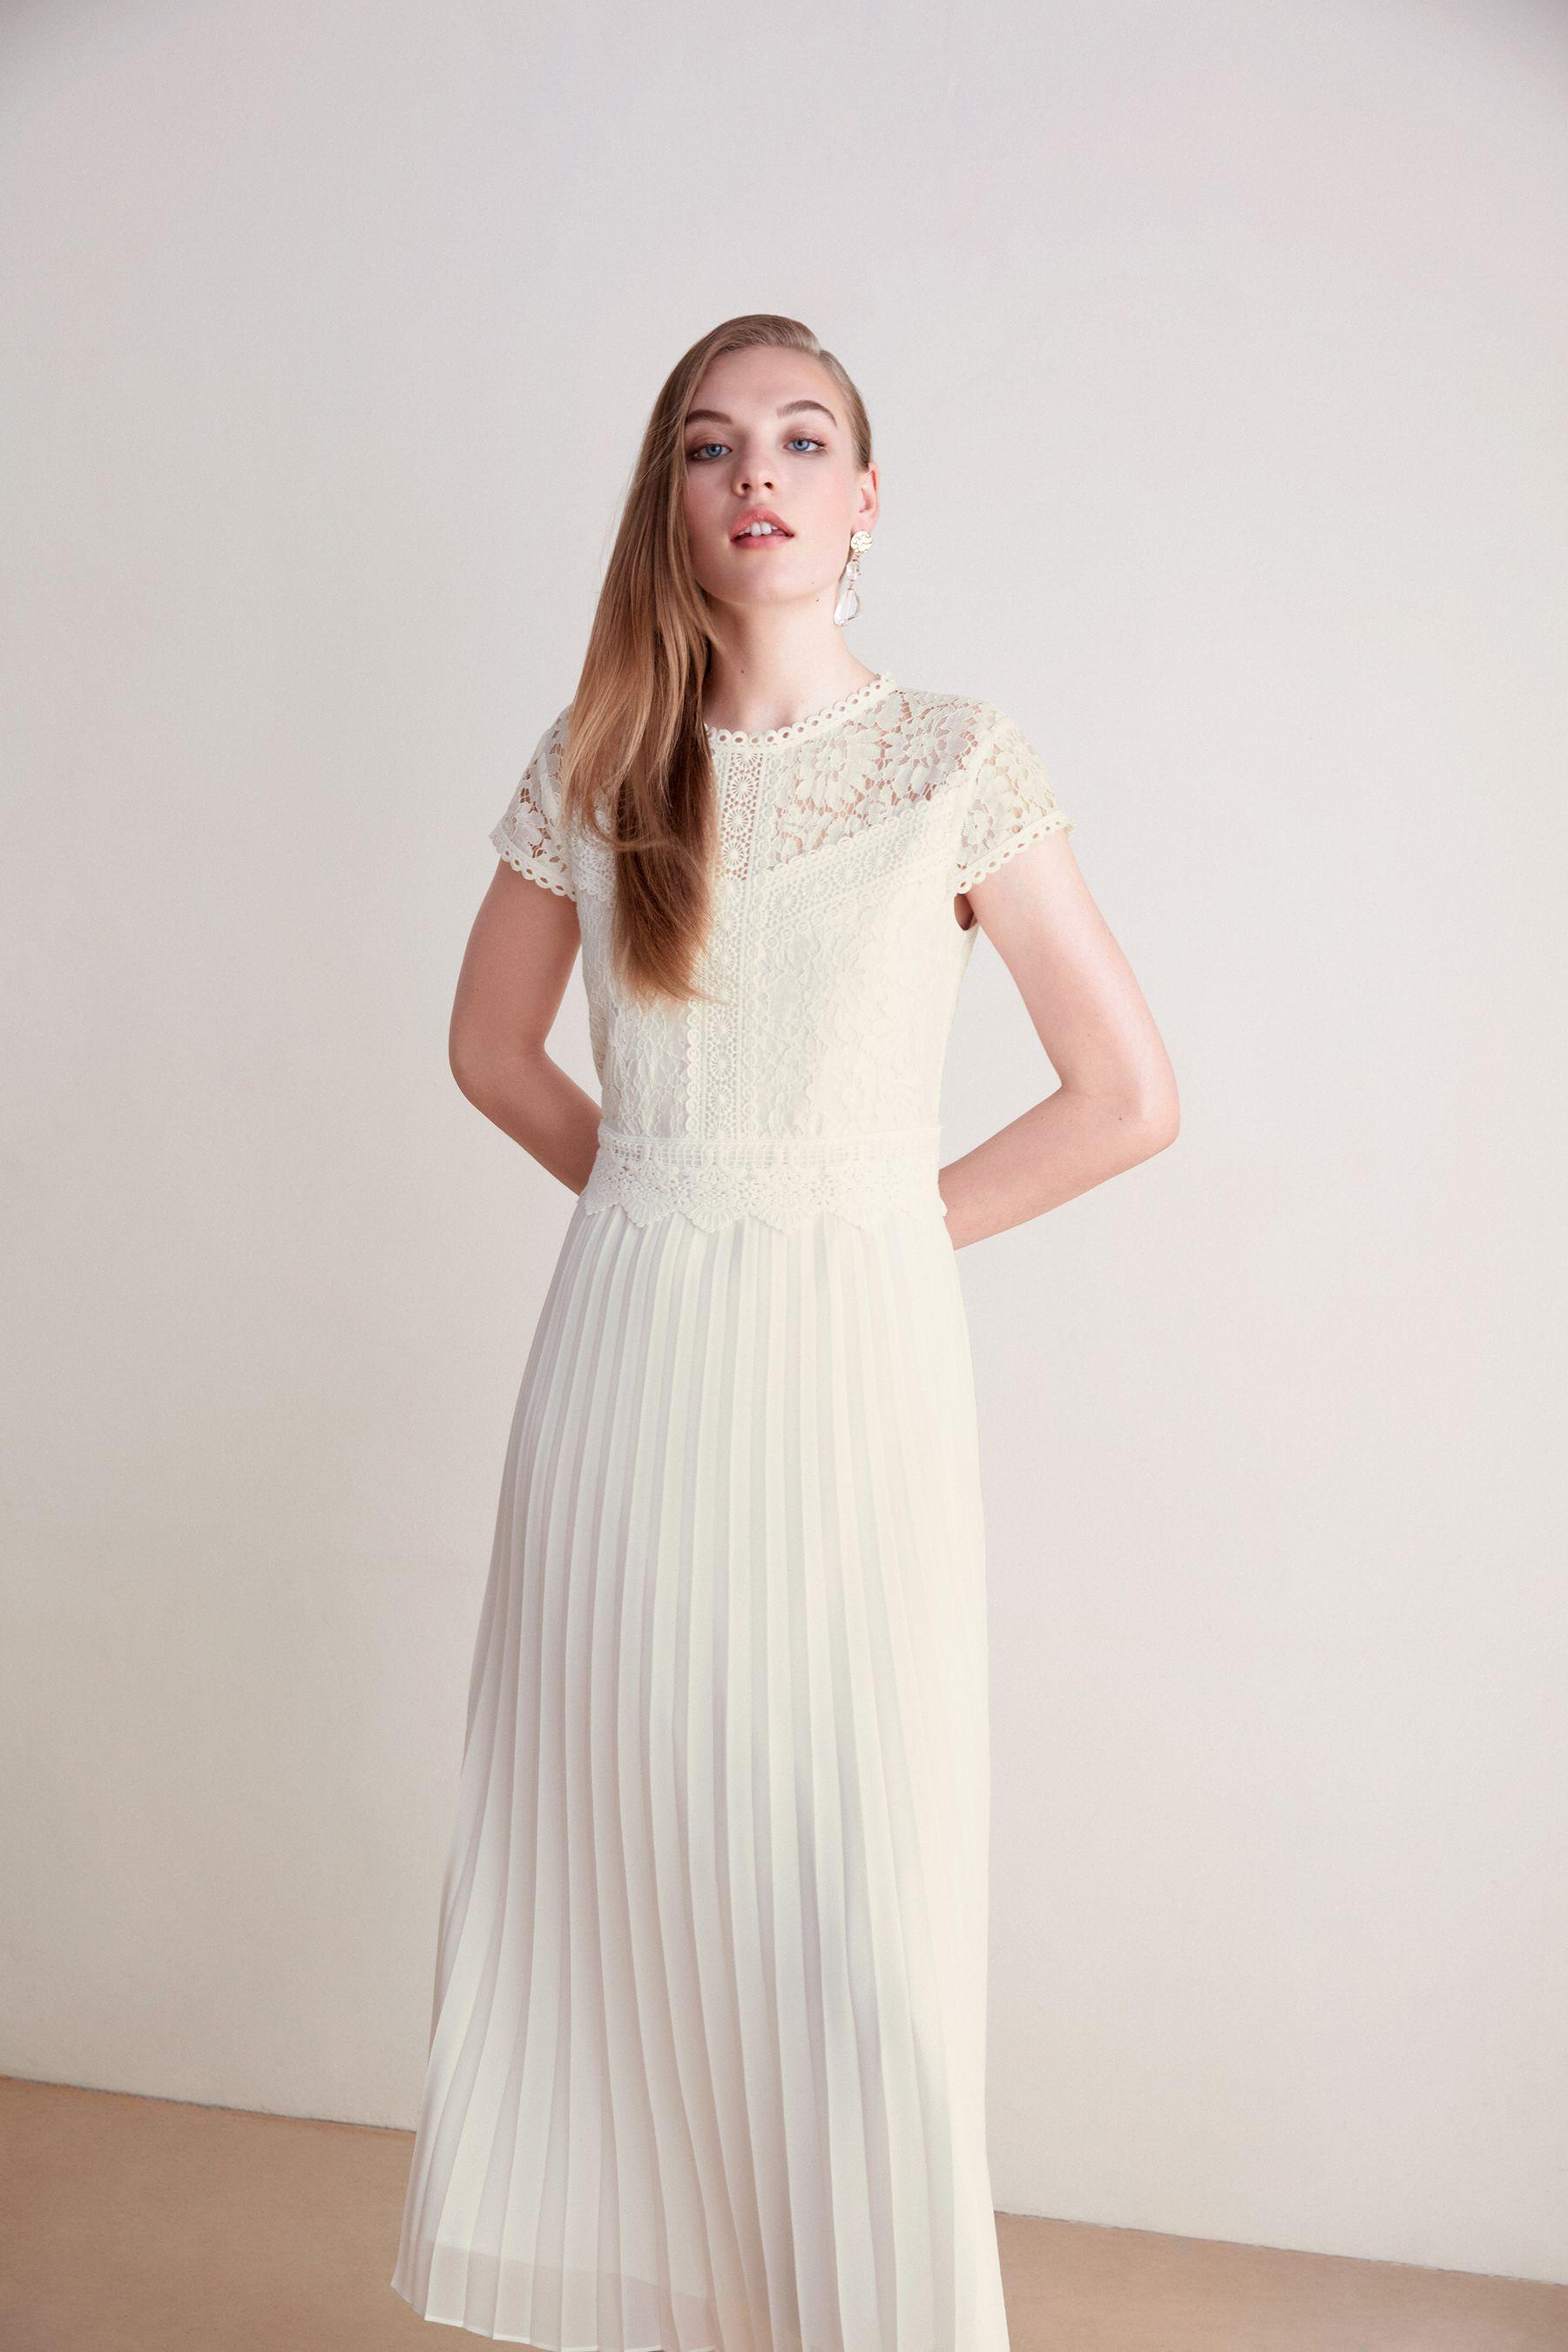 midikleid aus spitze und plissee | plissee kleid, kleid mit